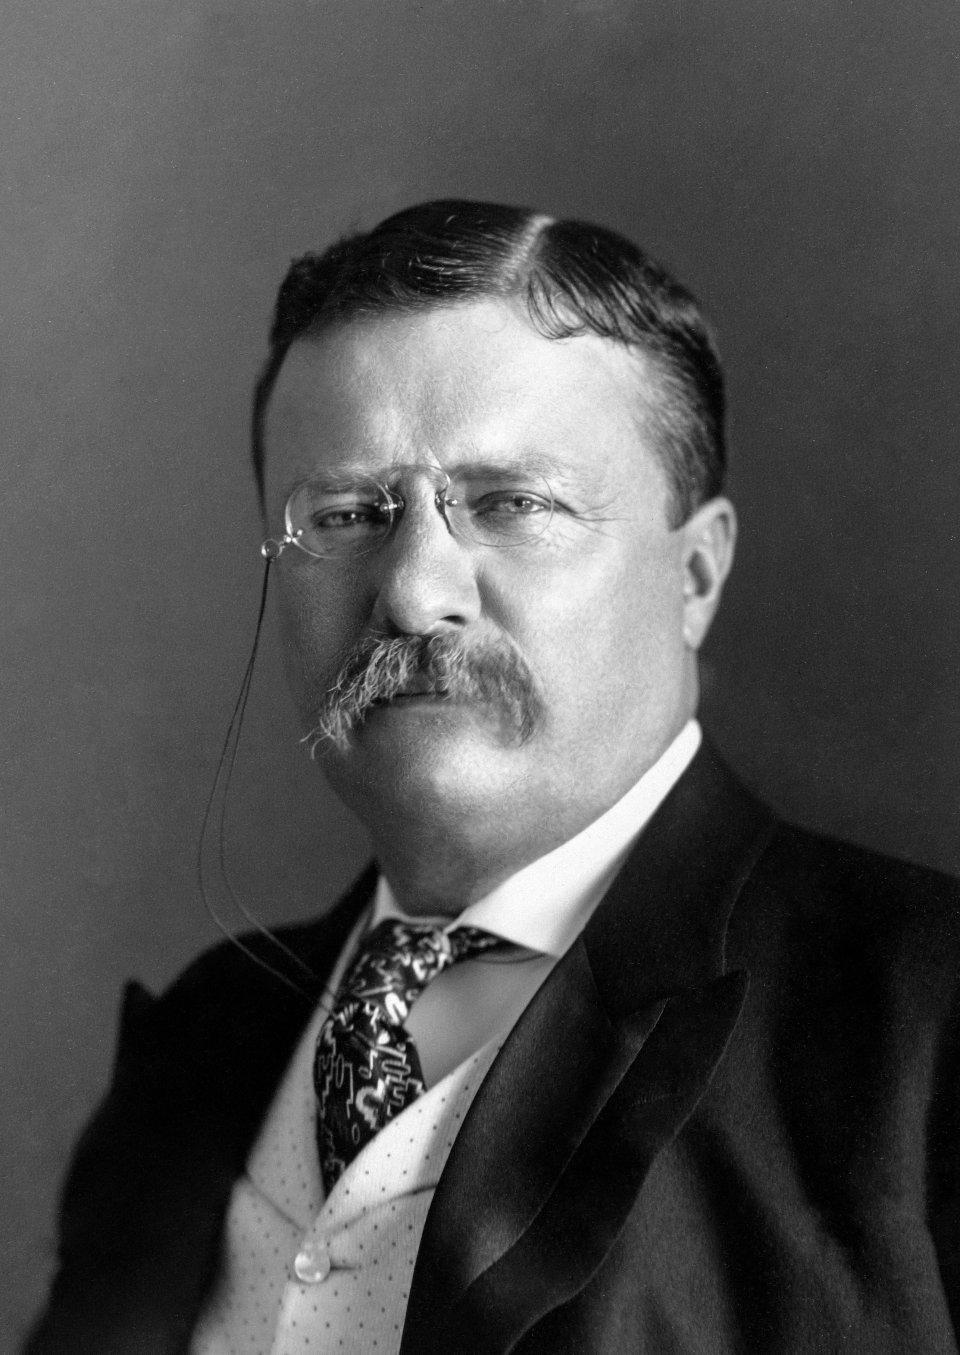 Теодор Рузвельт створив у США антиолігархічне законодавство / Wikipedia